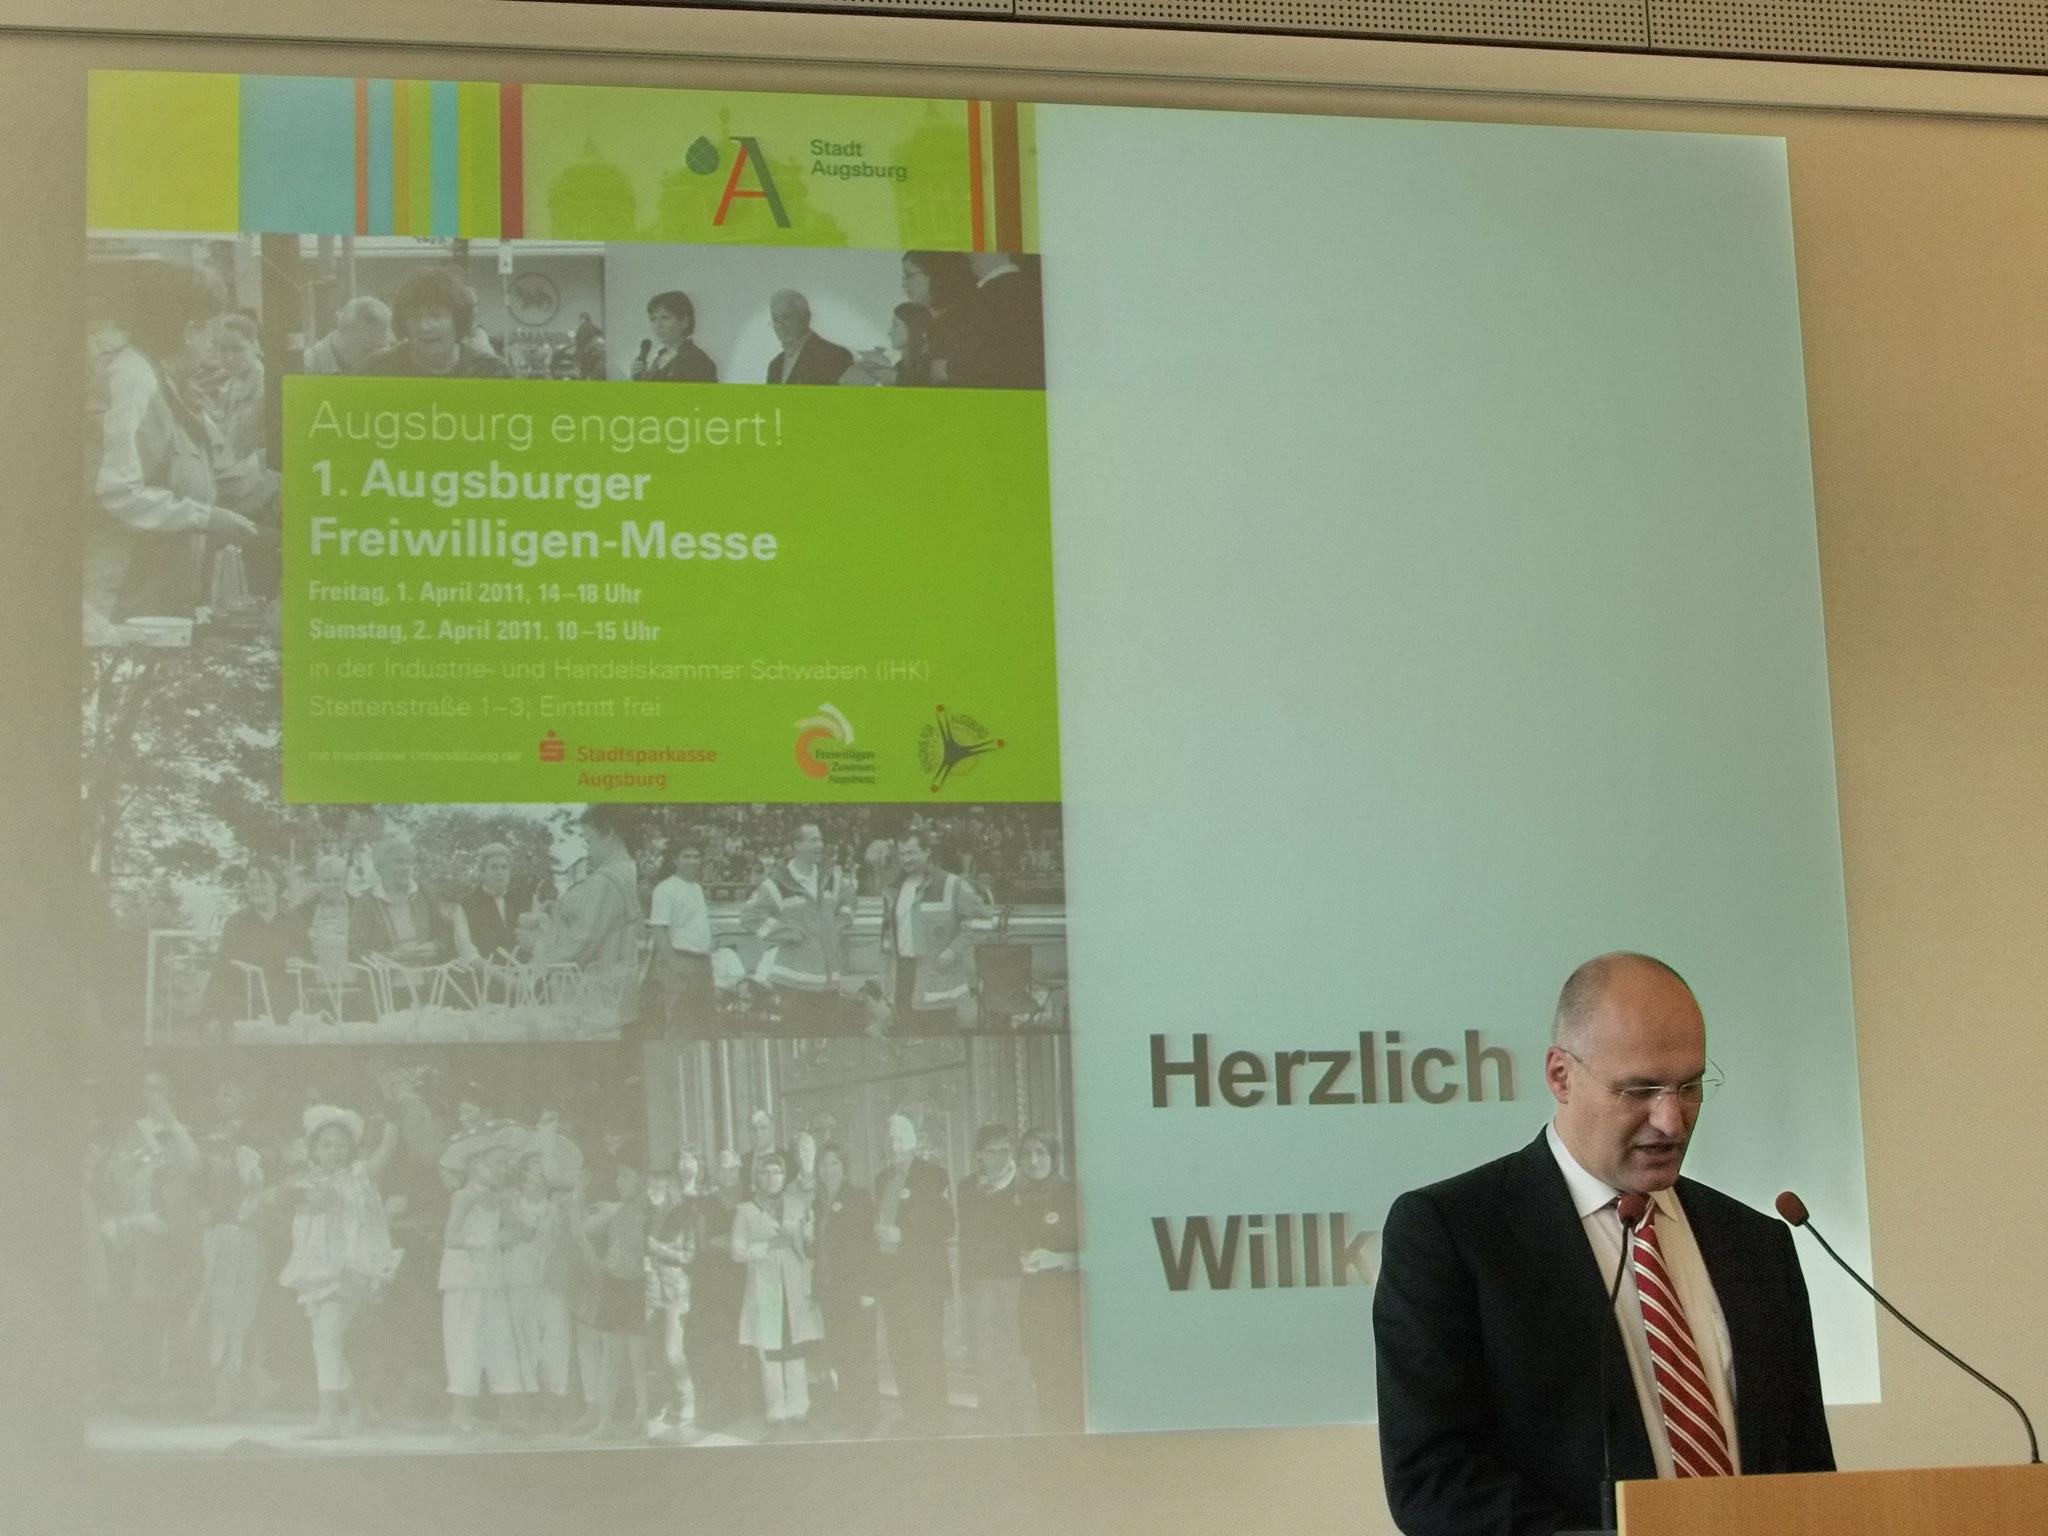 1. Augsburger Freiwilligen-Messe 2011 - Foto: Hugo Fössinger